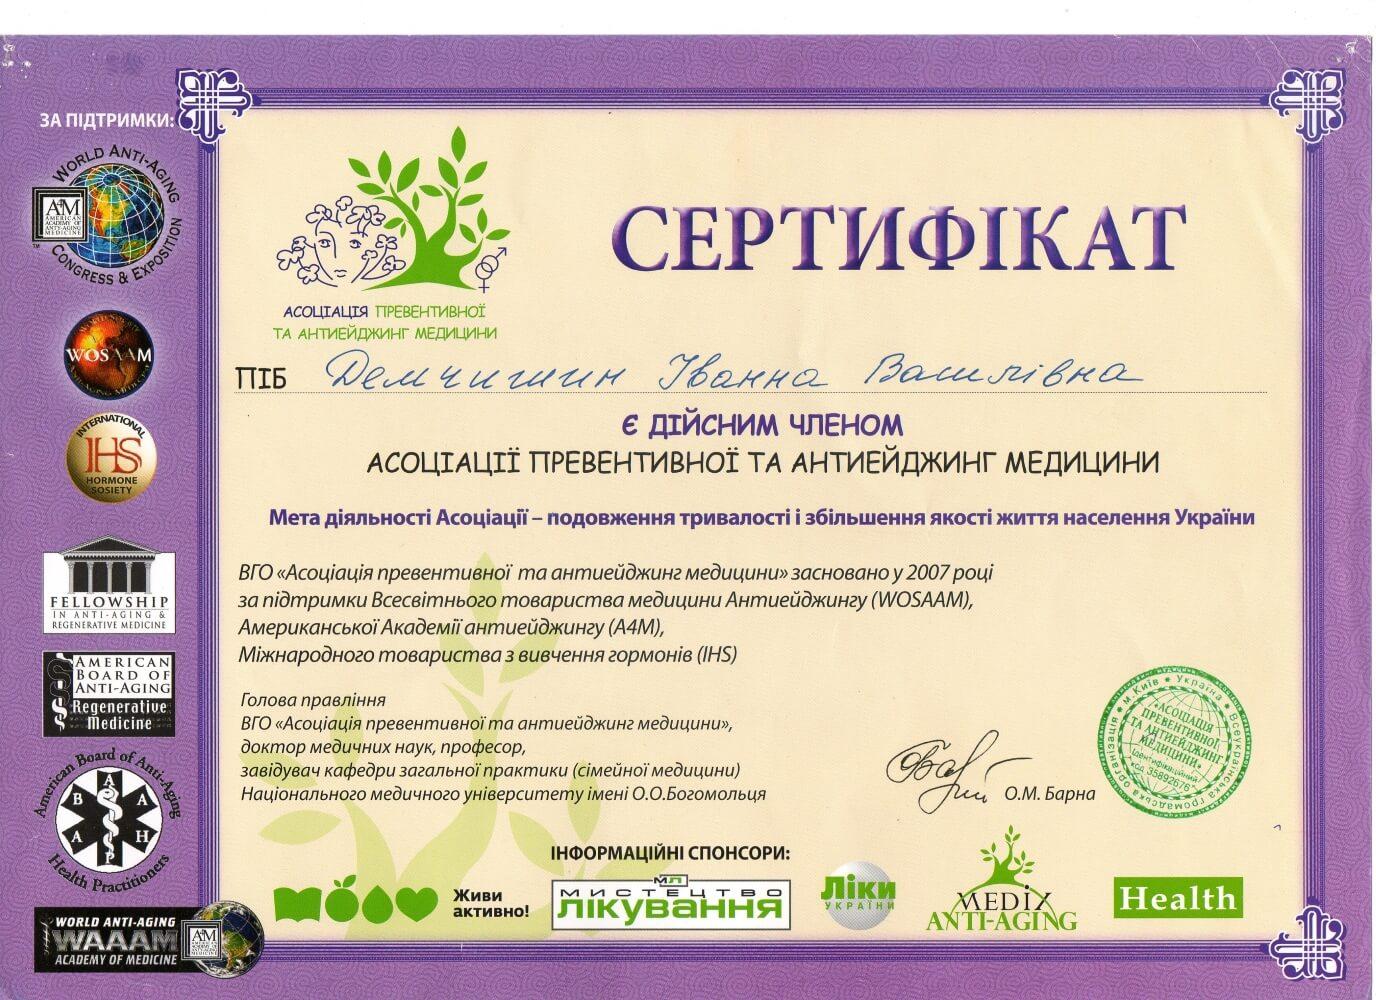 Сертифікат Іванна Демчишин, Асоціація превентивної і антиейджинг медицини